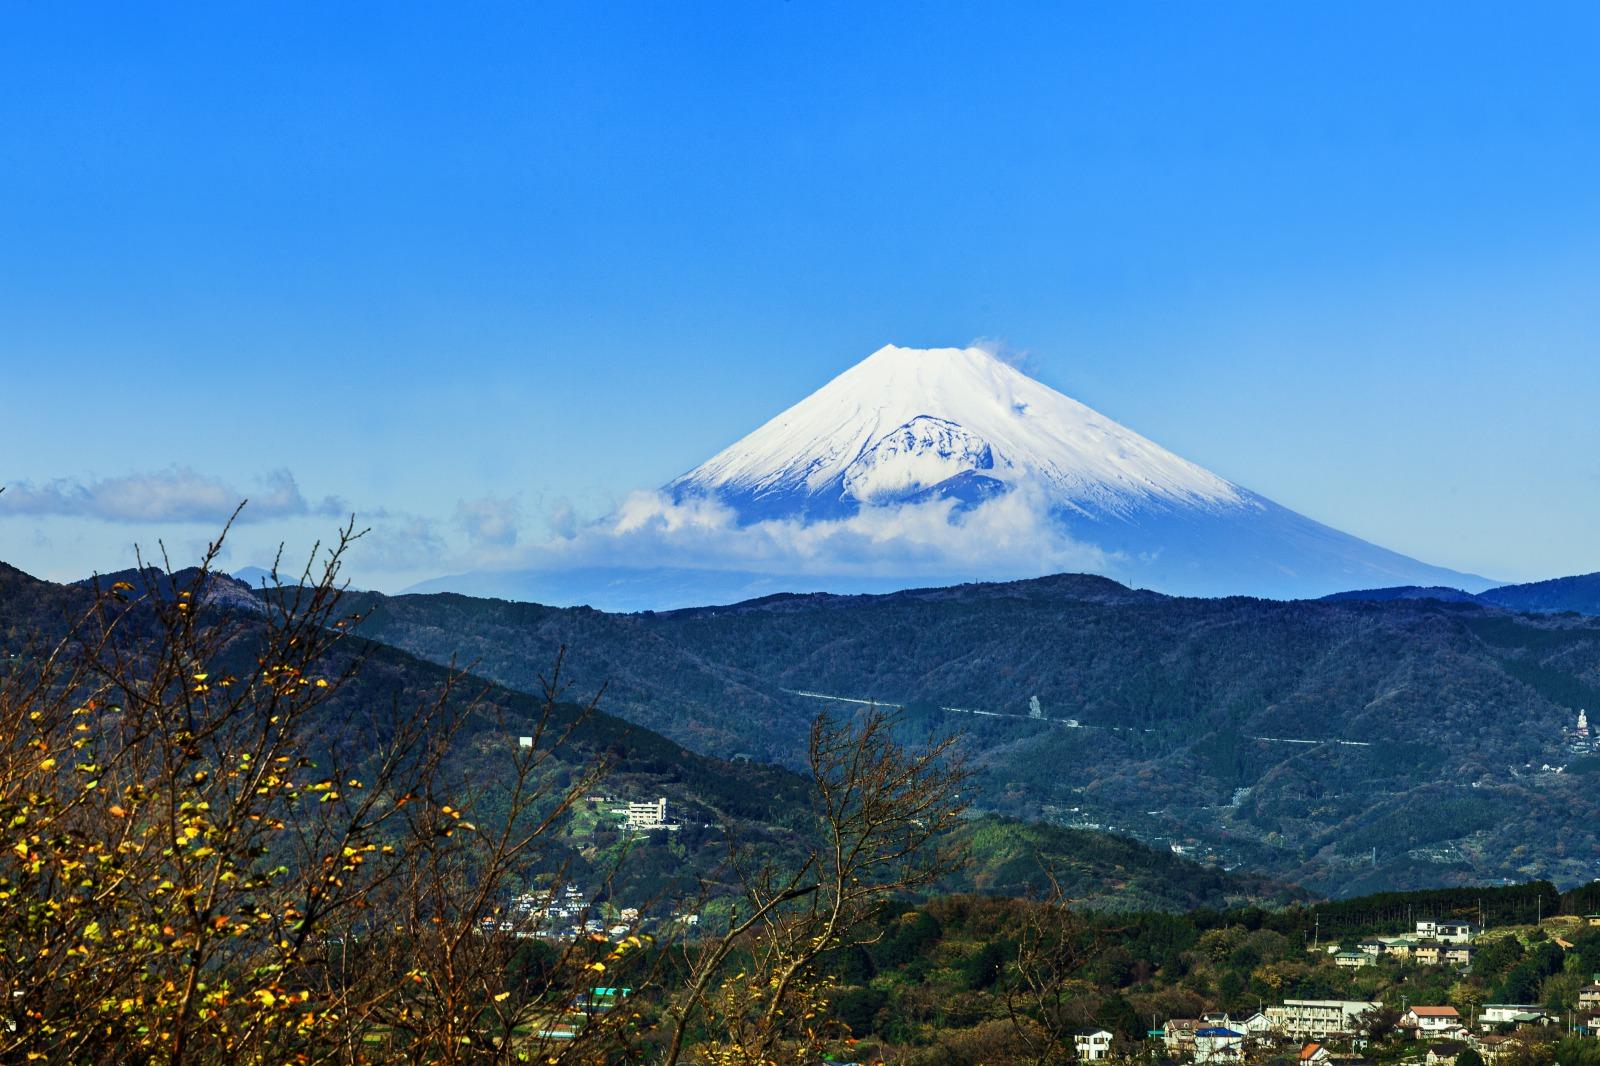 もうすぐ2/23(ふじさん)の日!ベストオブMt.Fujiの写真で富士山を愛でよう